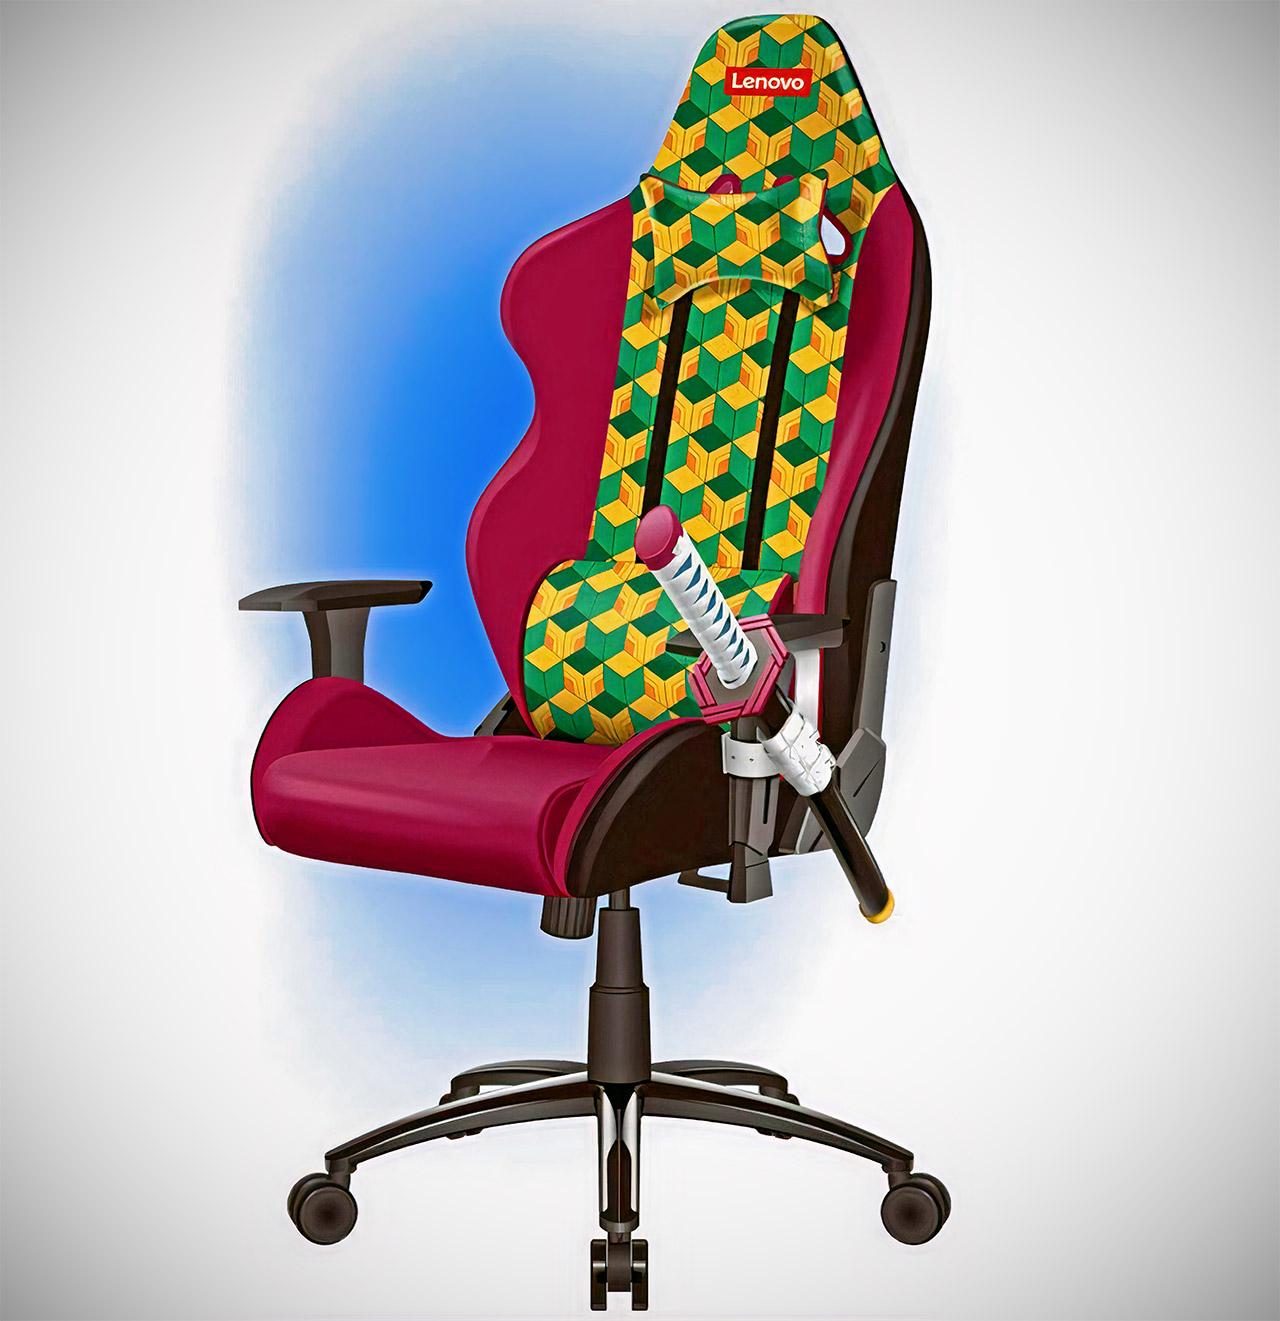 Lenovo Japan Demon Slayer Gaming Chair